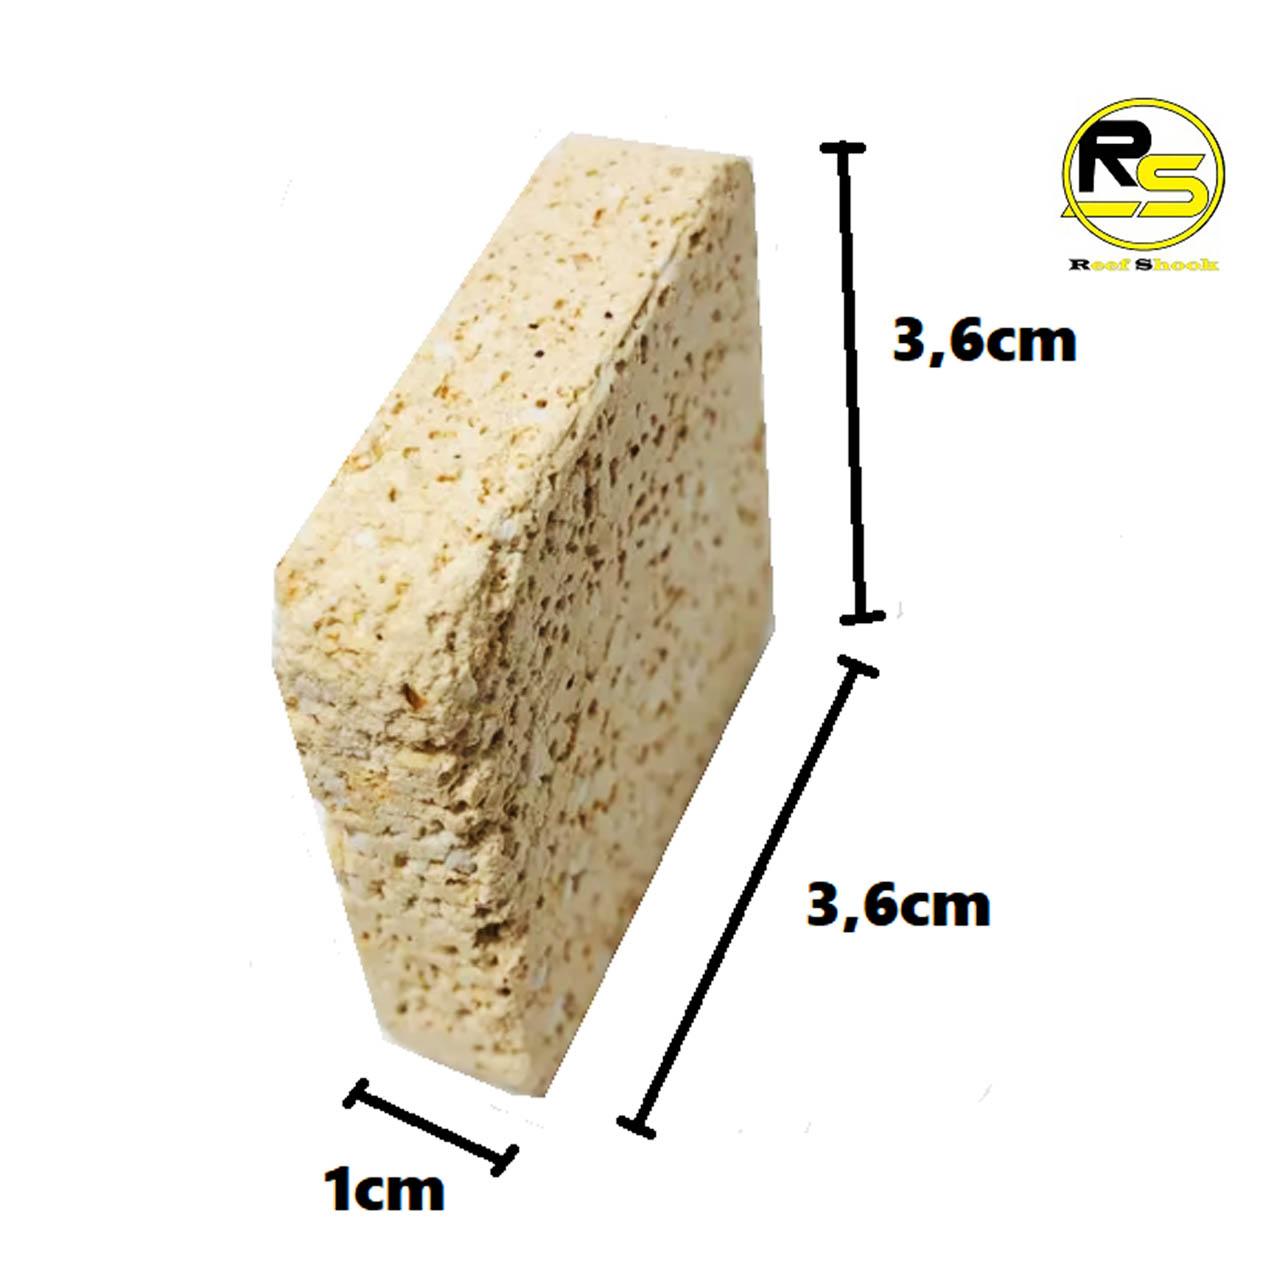 Base para Coral em Ceramica 3,6 x 3,6 x 1 cm kit 20 unidades